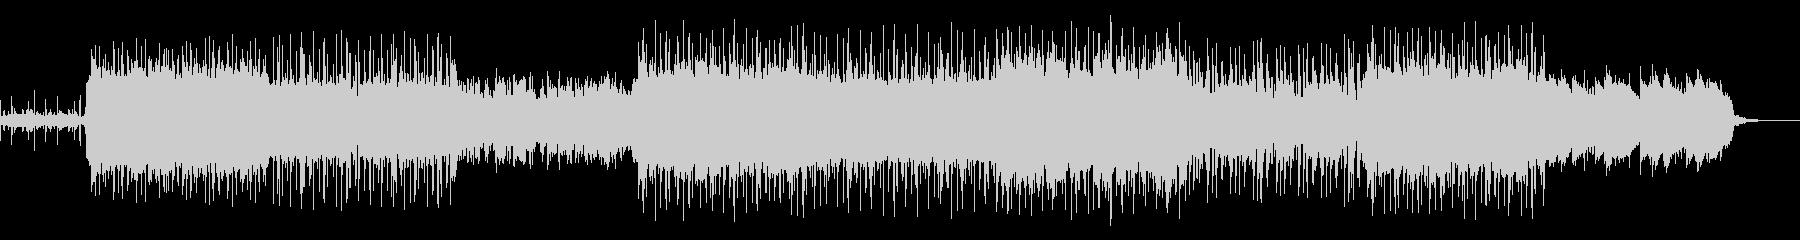 和風チル,ヒップホップ尺八BGM,CM等の未再生の波形